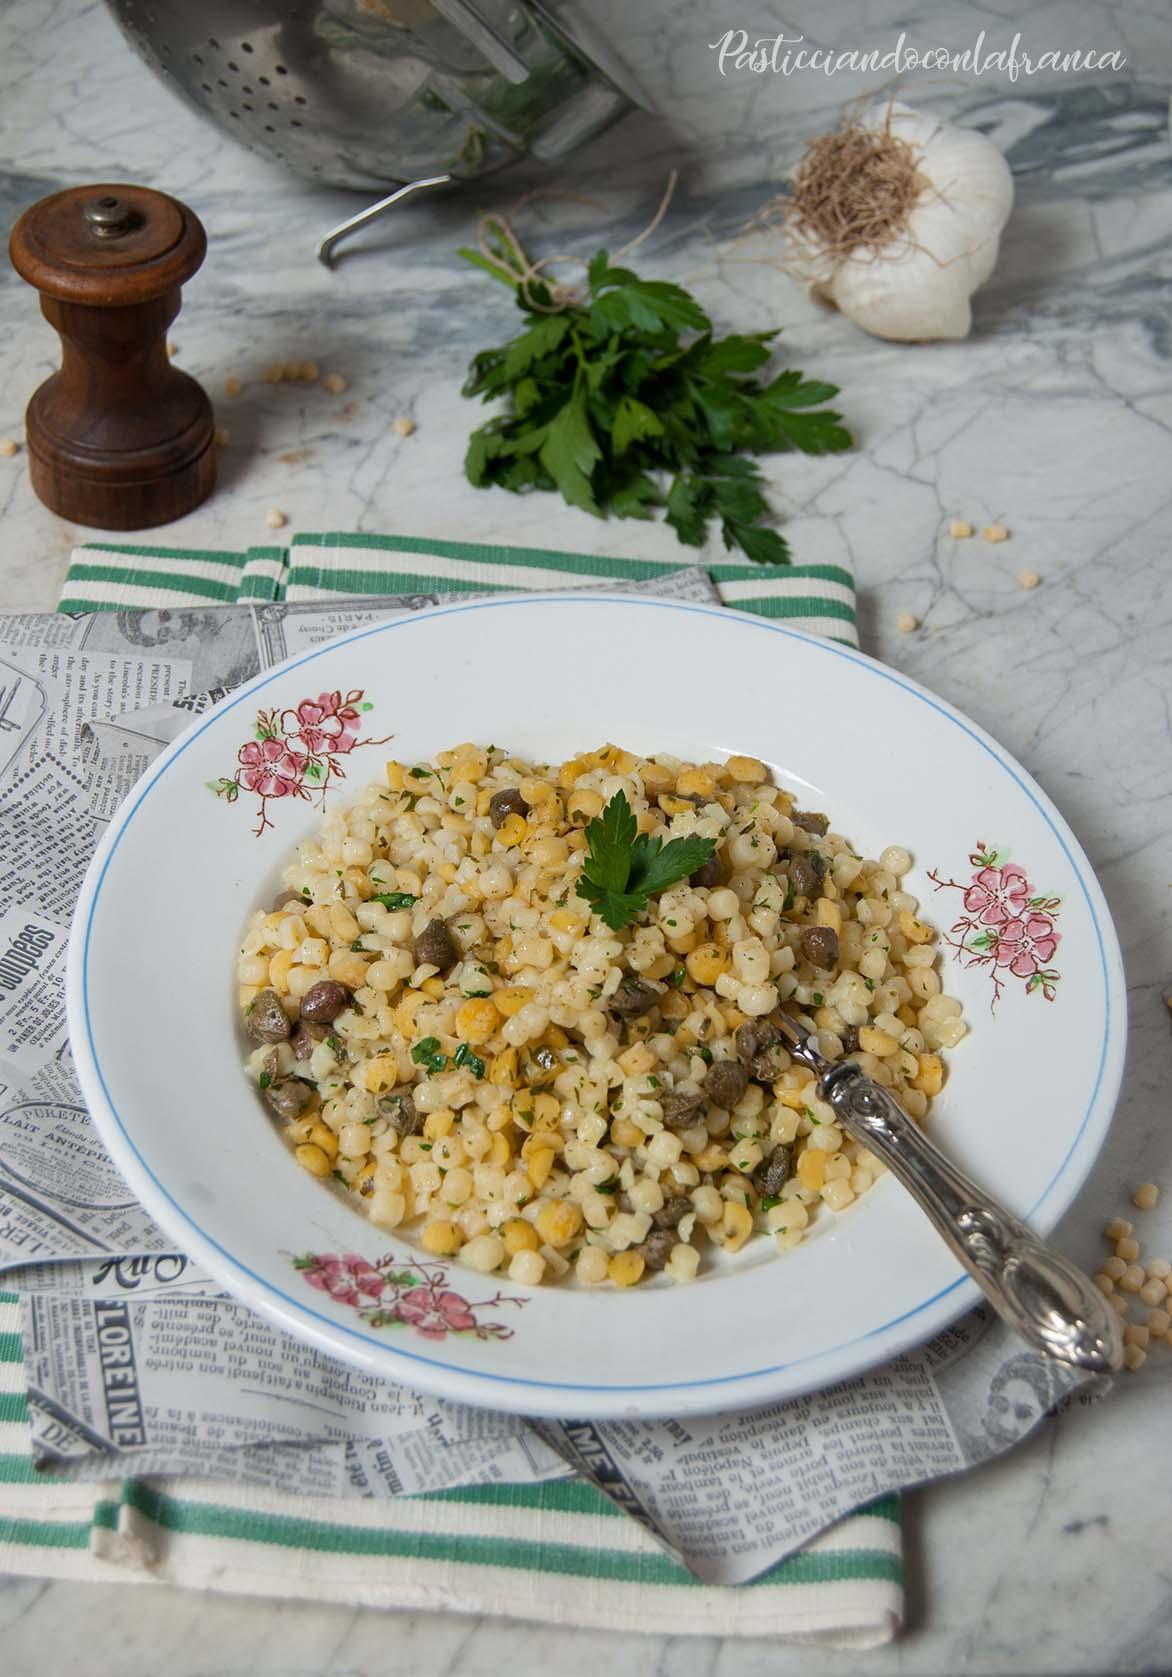 questa immagine rappresenta fregola sarda con ceci e capperi al profumo di mare ricetta di pasticciandoconlafranca